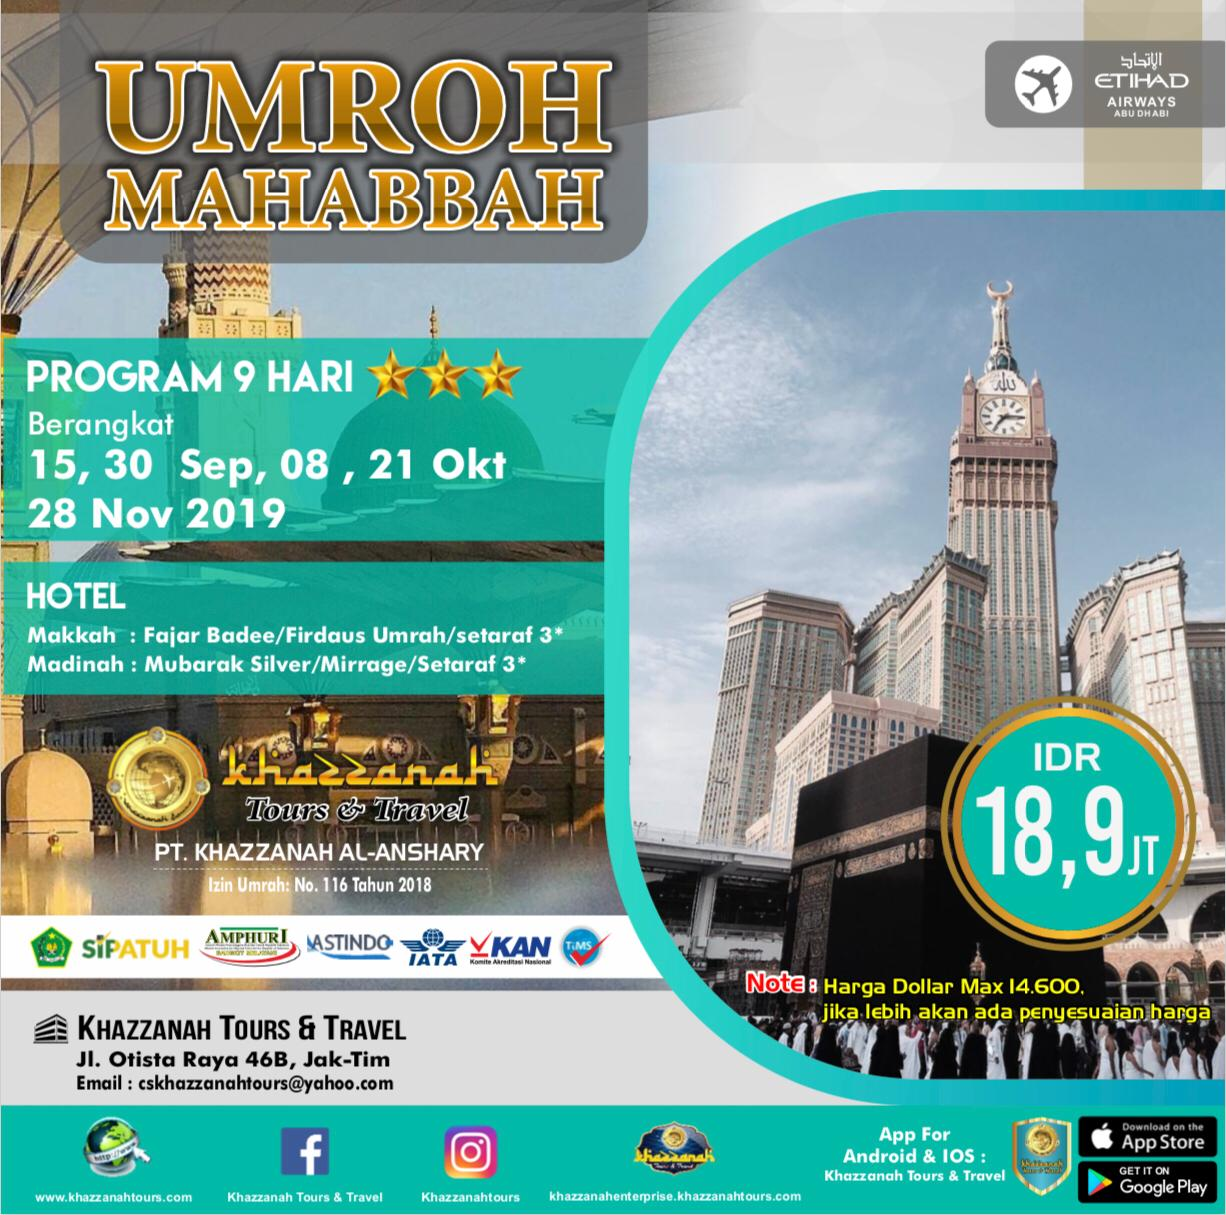 Umroh Mahabbah 9 Hari By EY